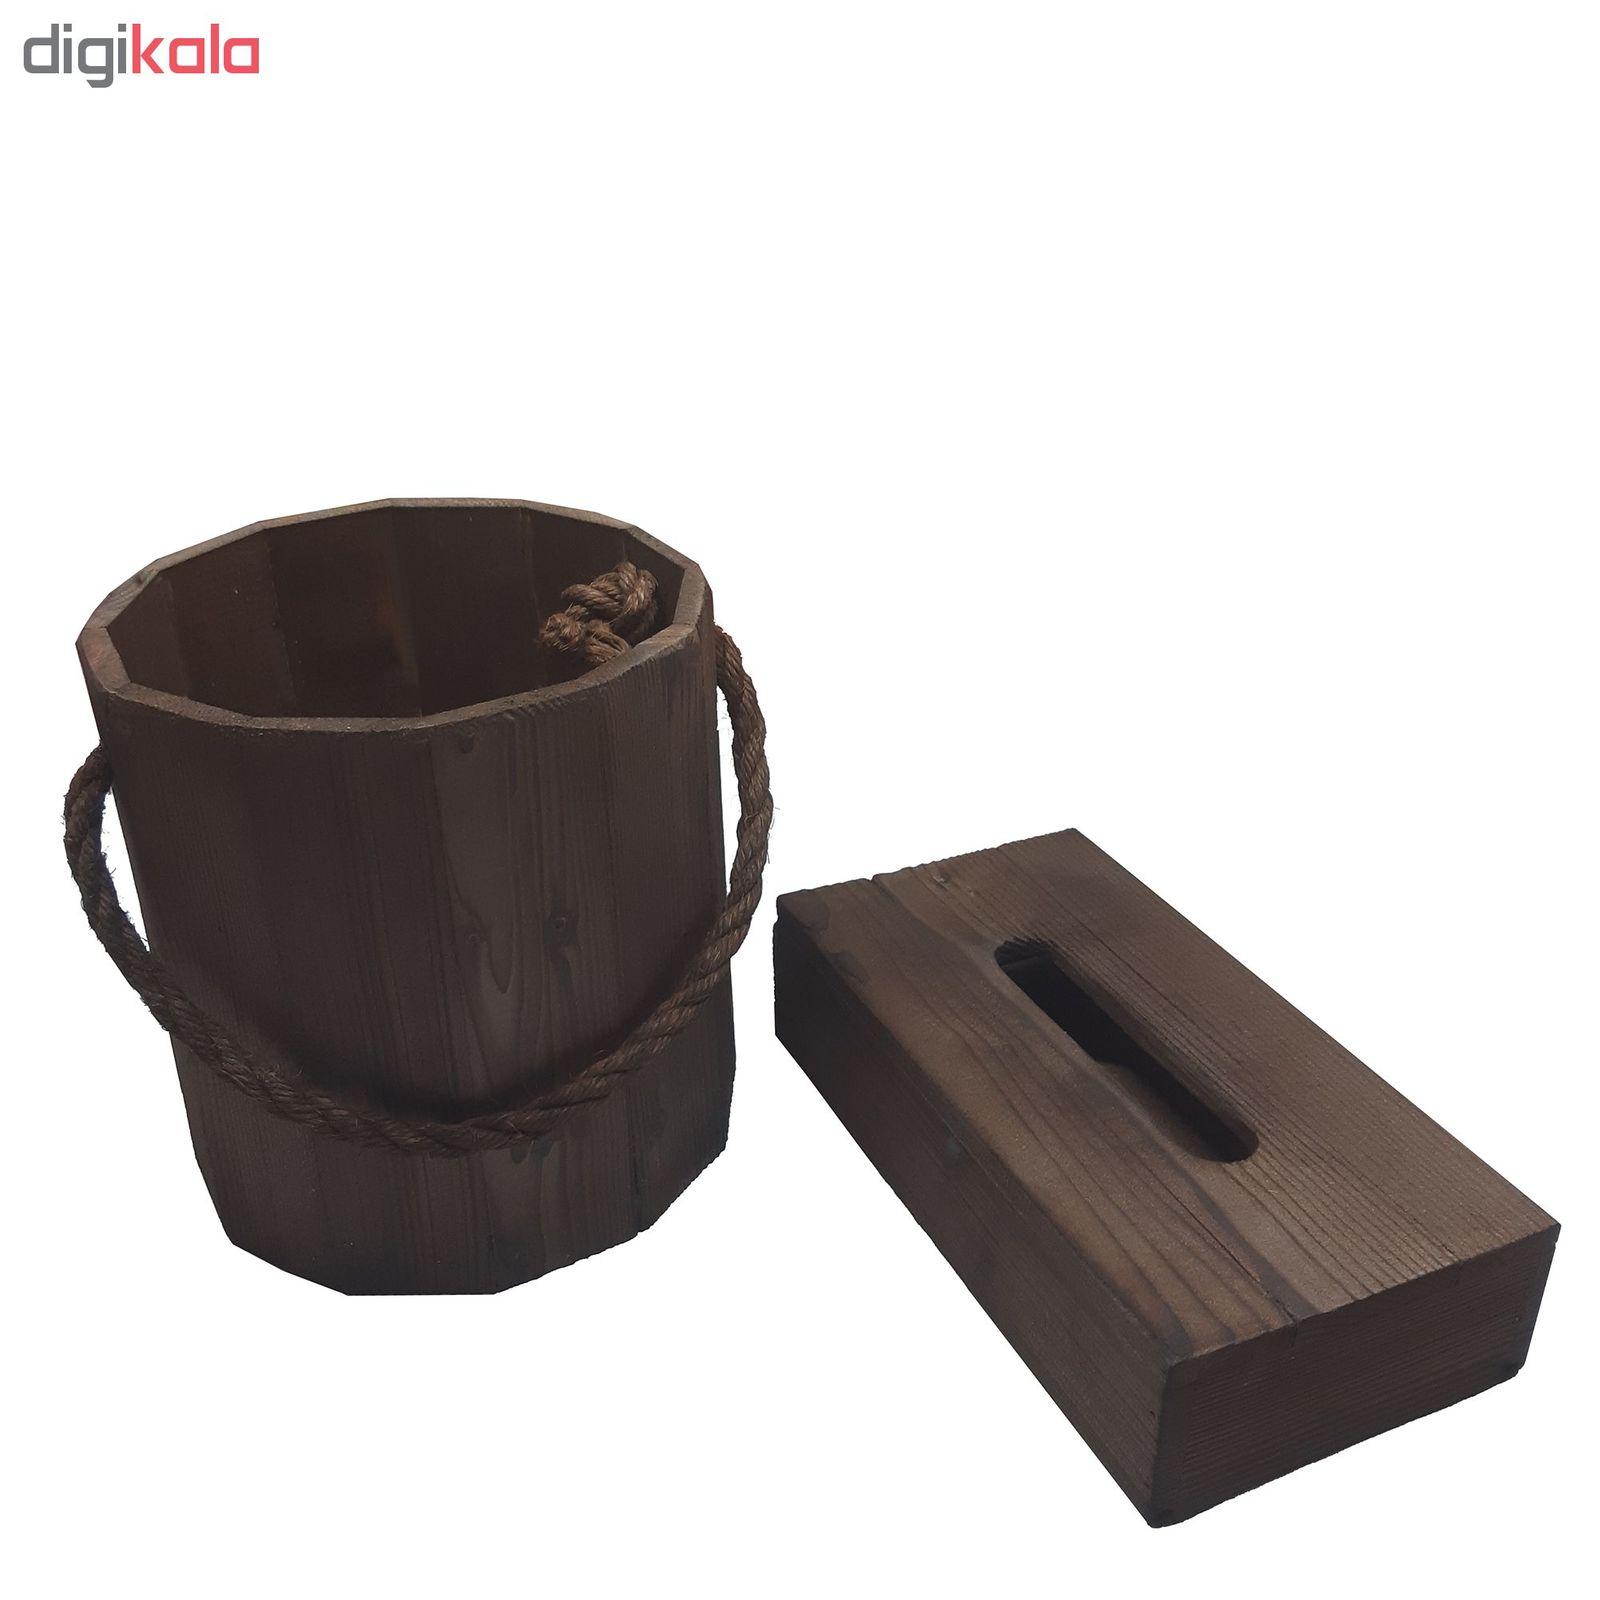 ست سطل و جا دستمال کاغذی مدل CHOBI2 main 1 3